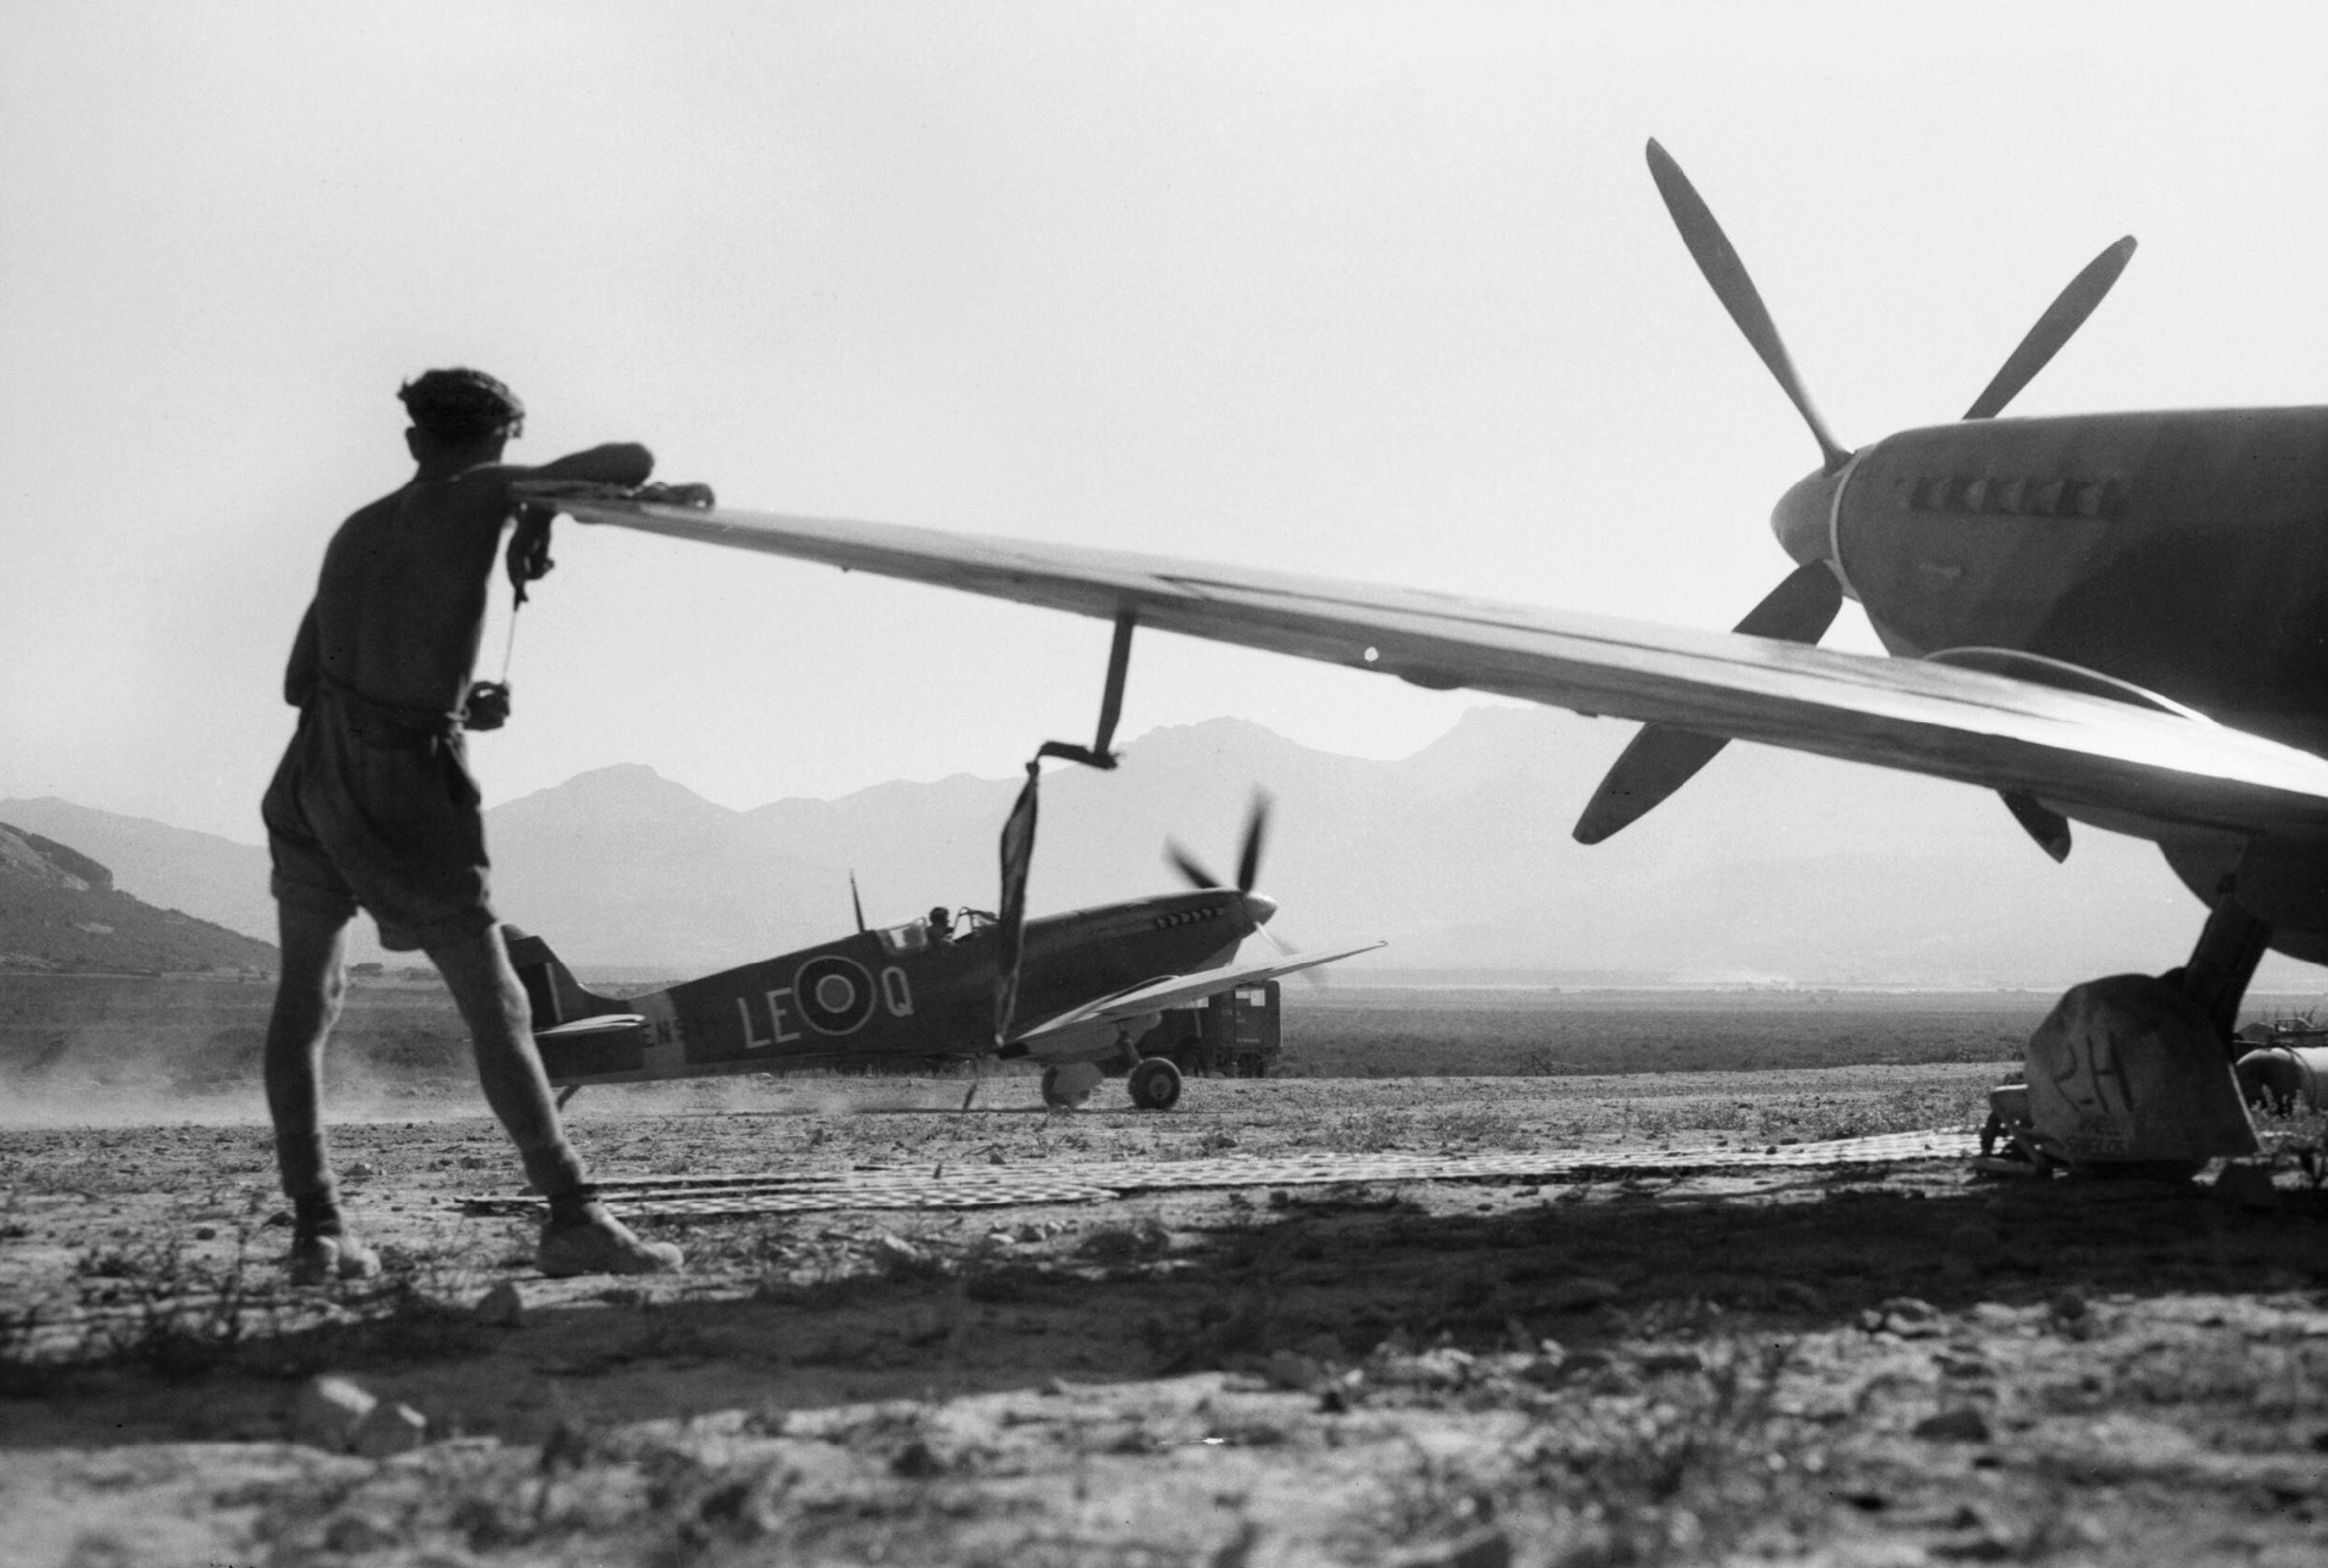 Spitfire MkIX RAF 242Sqn at Calenzana Corsica France 17 Aug 1944 IWM CL880